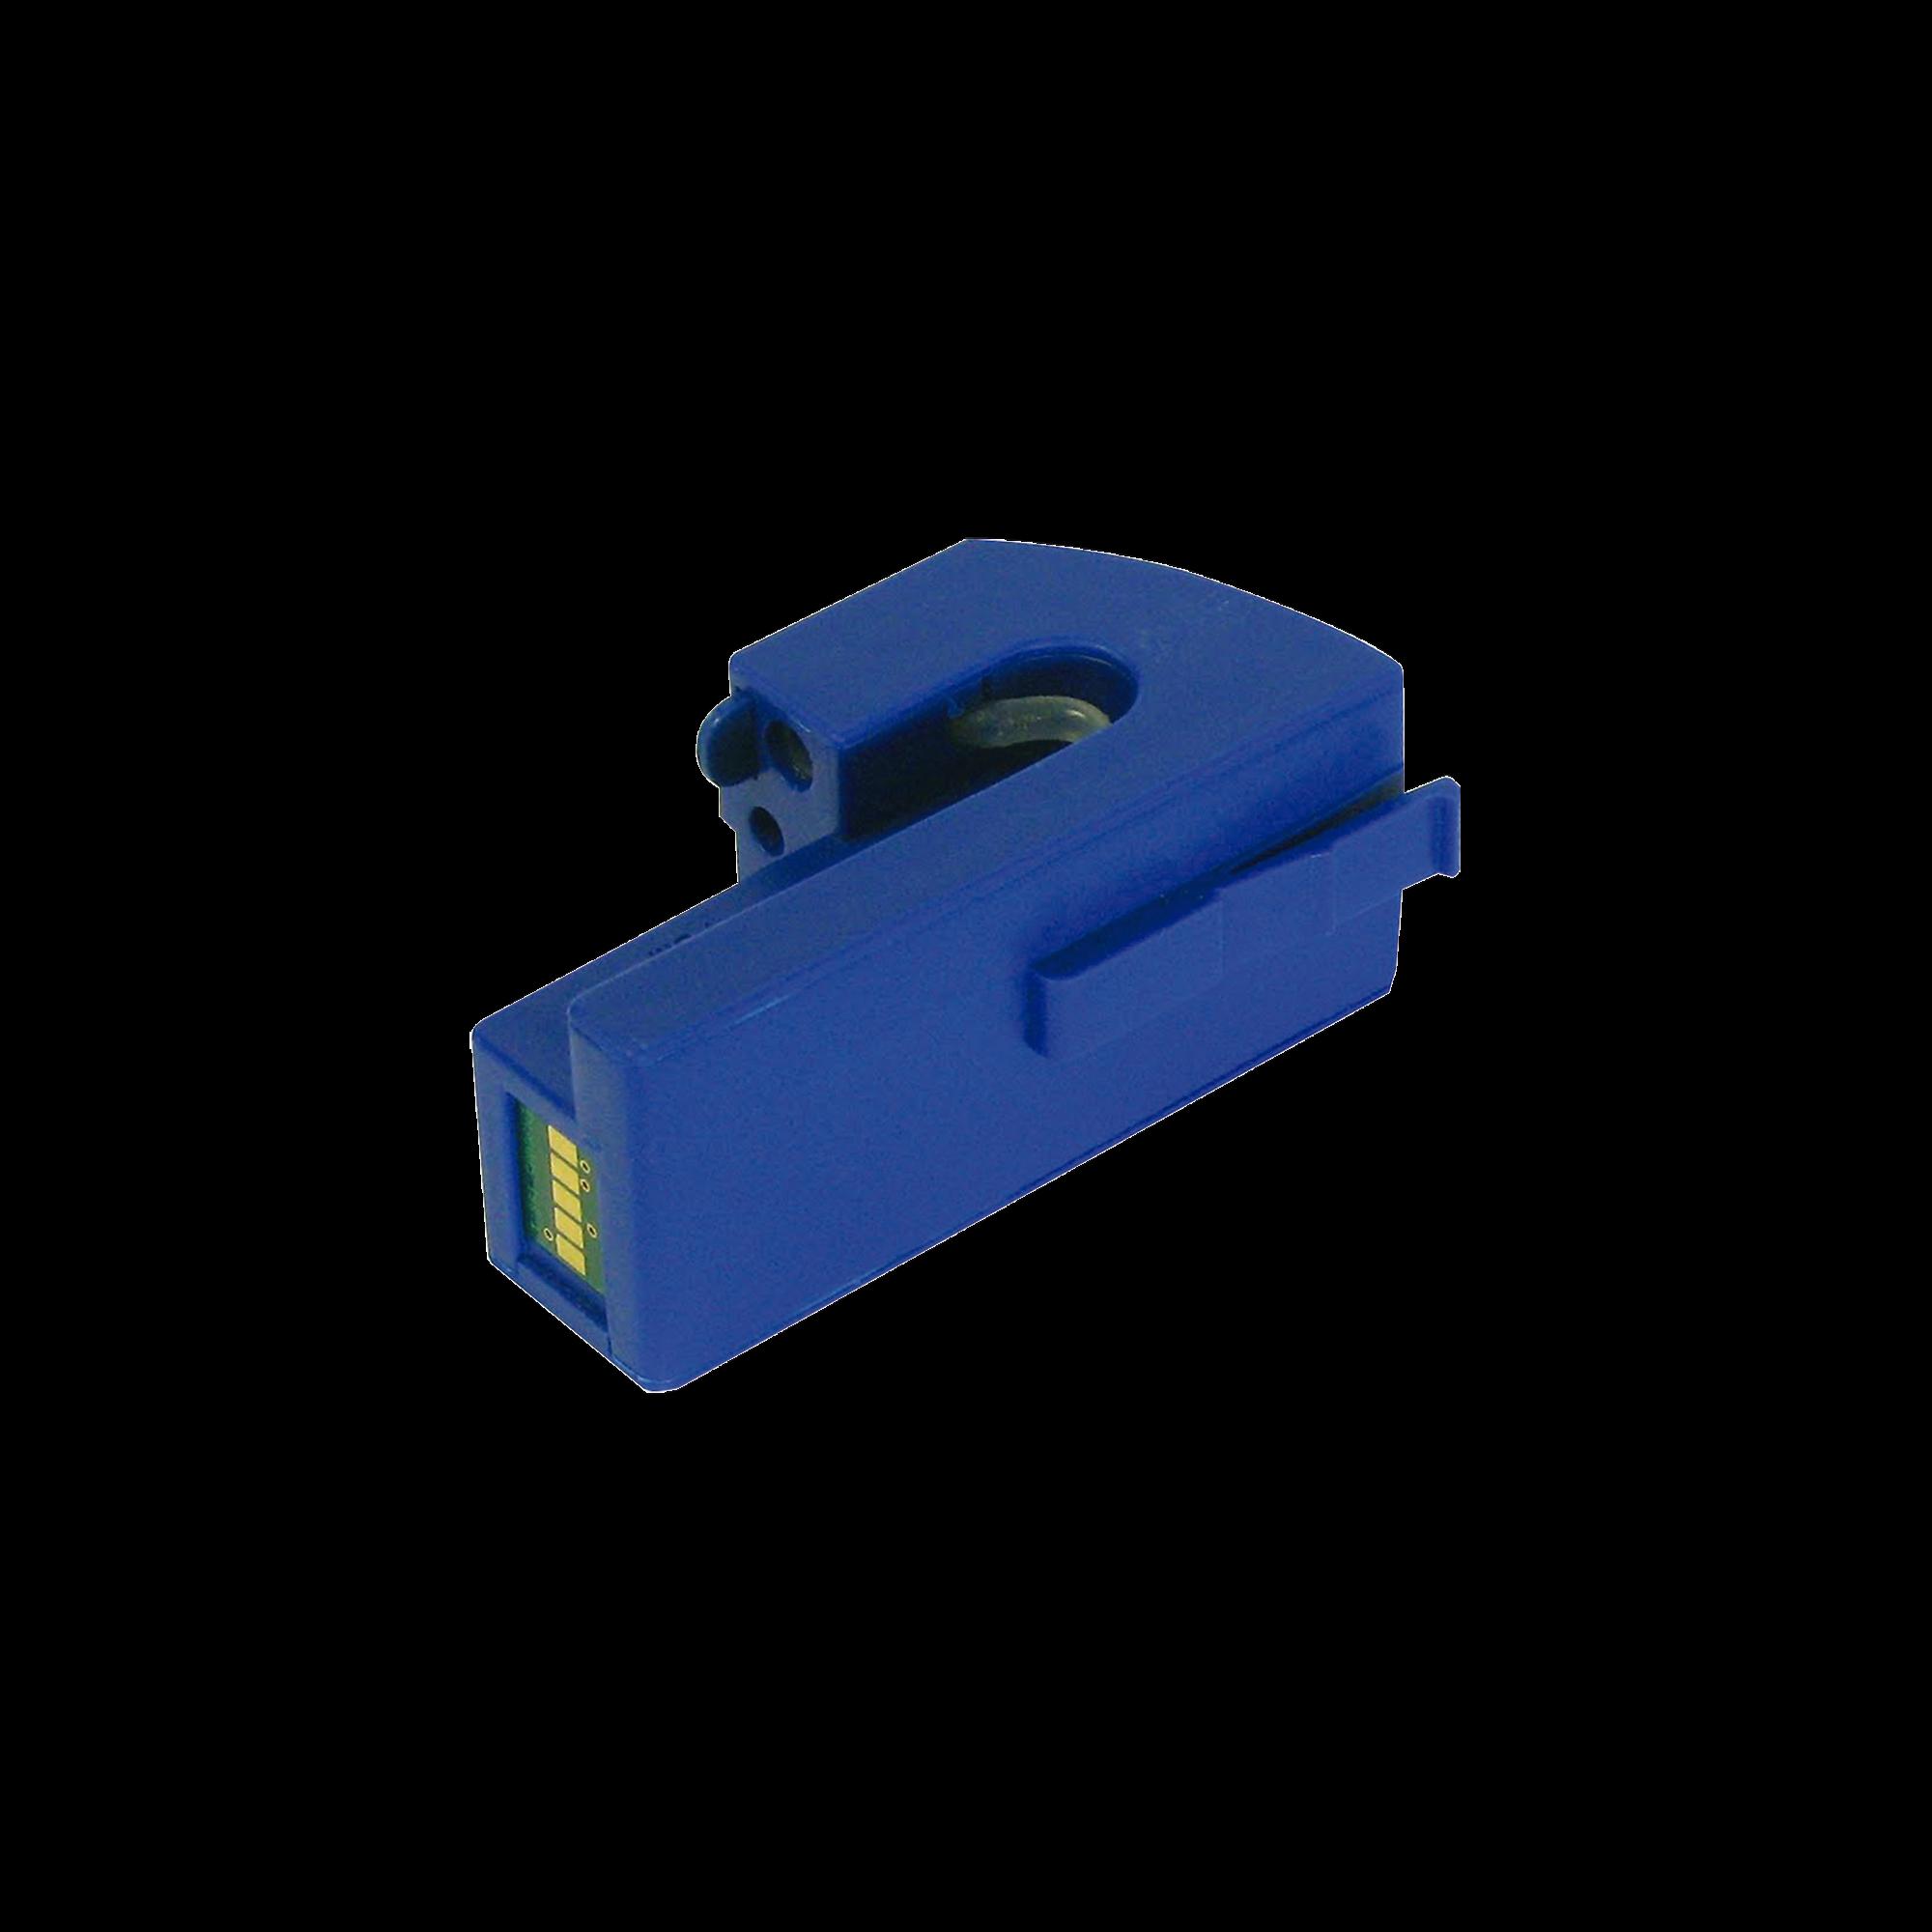 Repuesto de Cápsula de Humo para Probadores SDI, Paquete con 3 Piezas